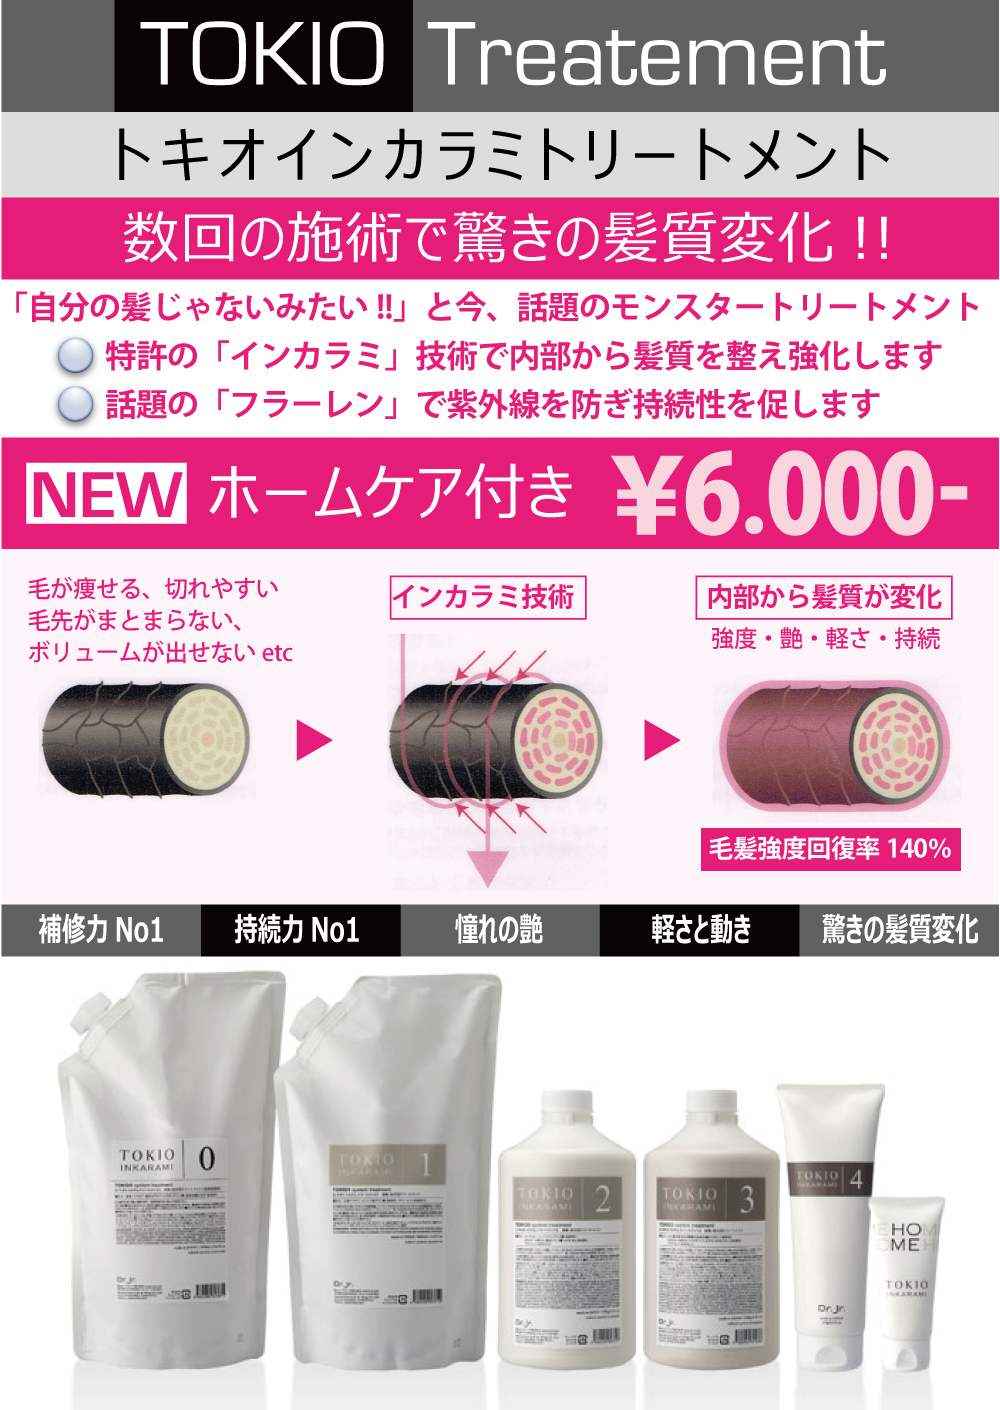 驚きのトリートメント新登場!!